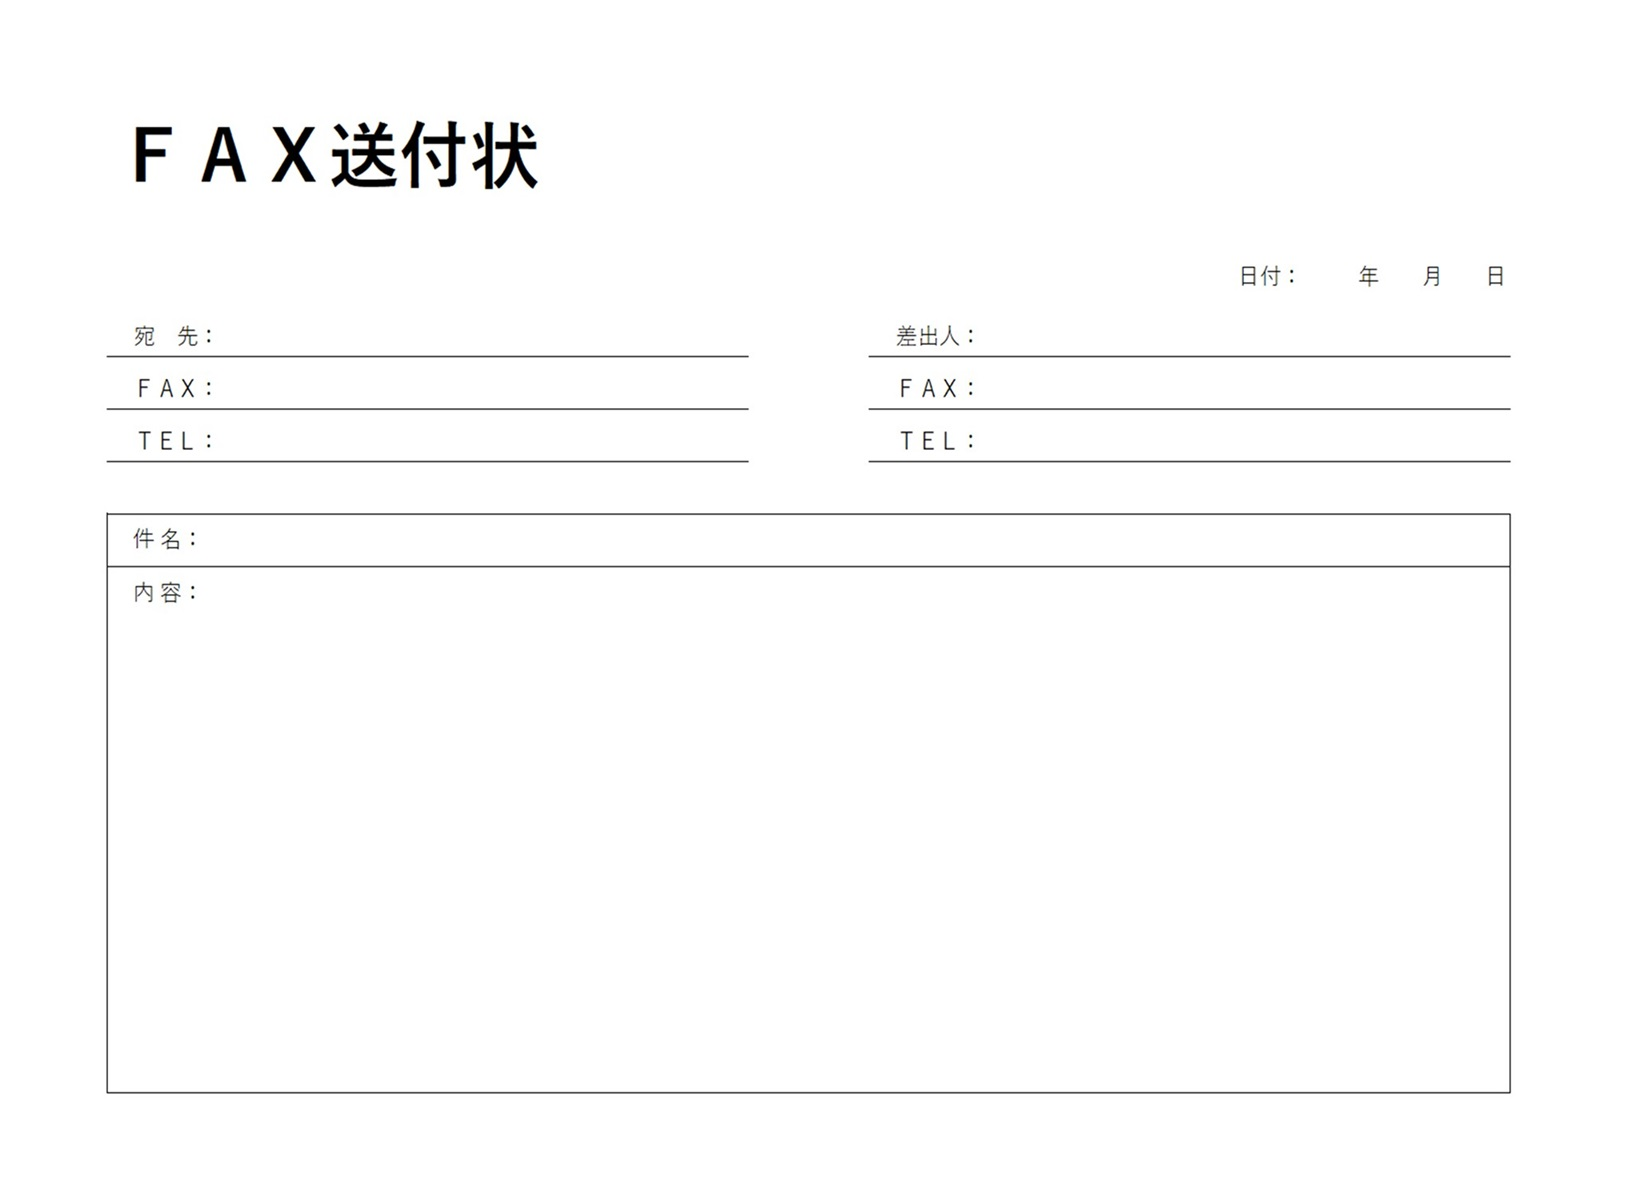 横型のモノクロでデザインが使いやすいFAX送付状